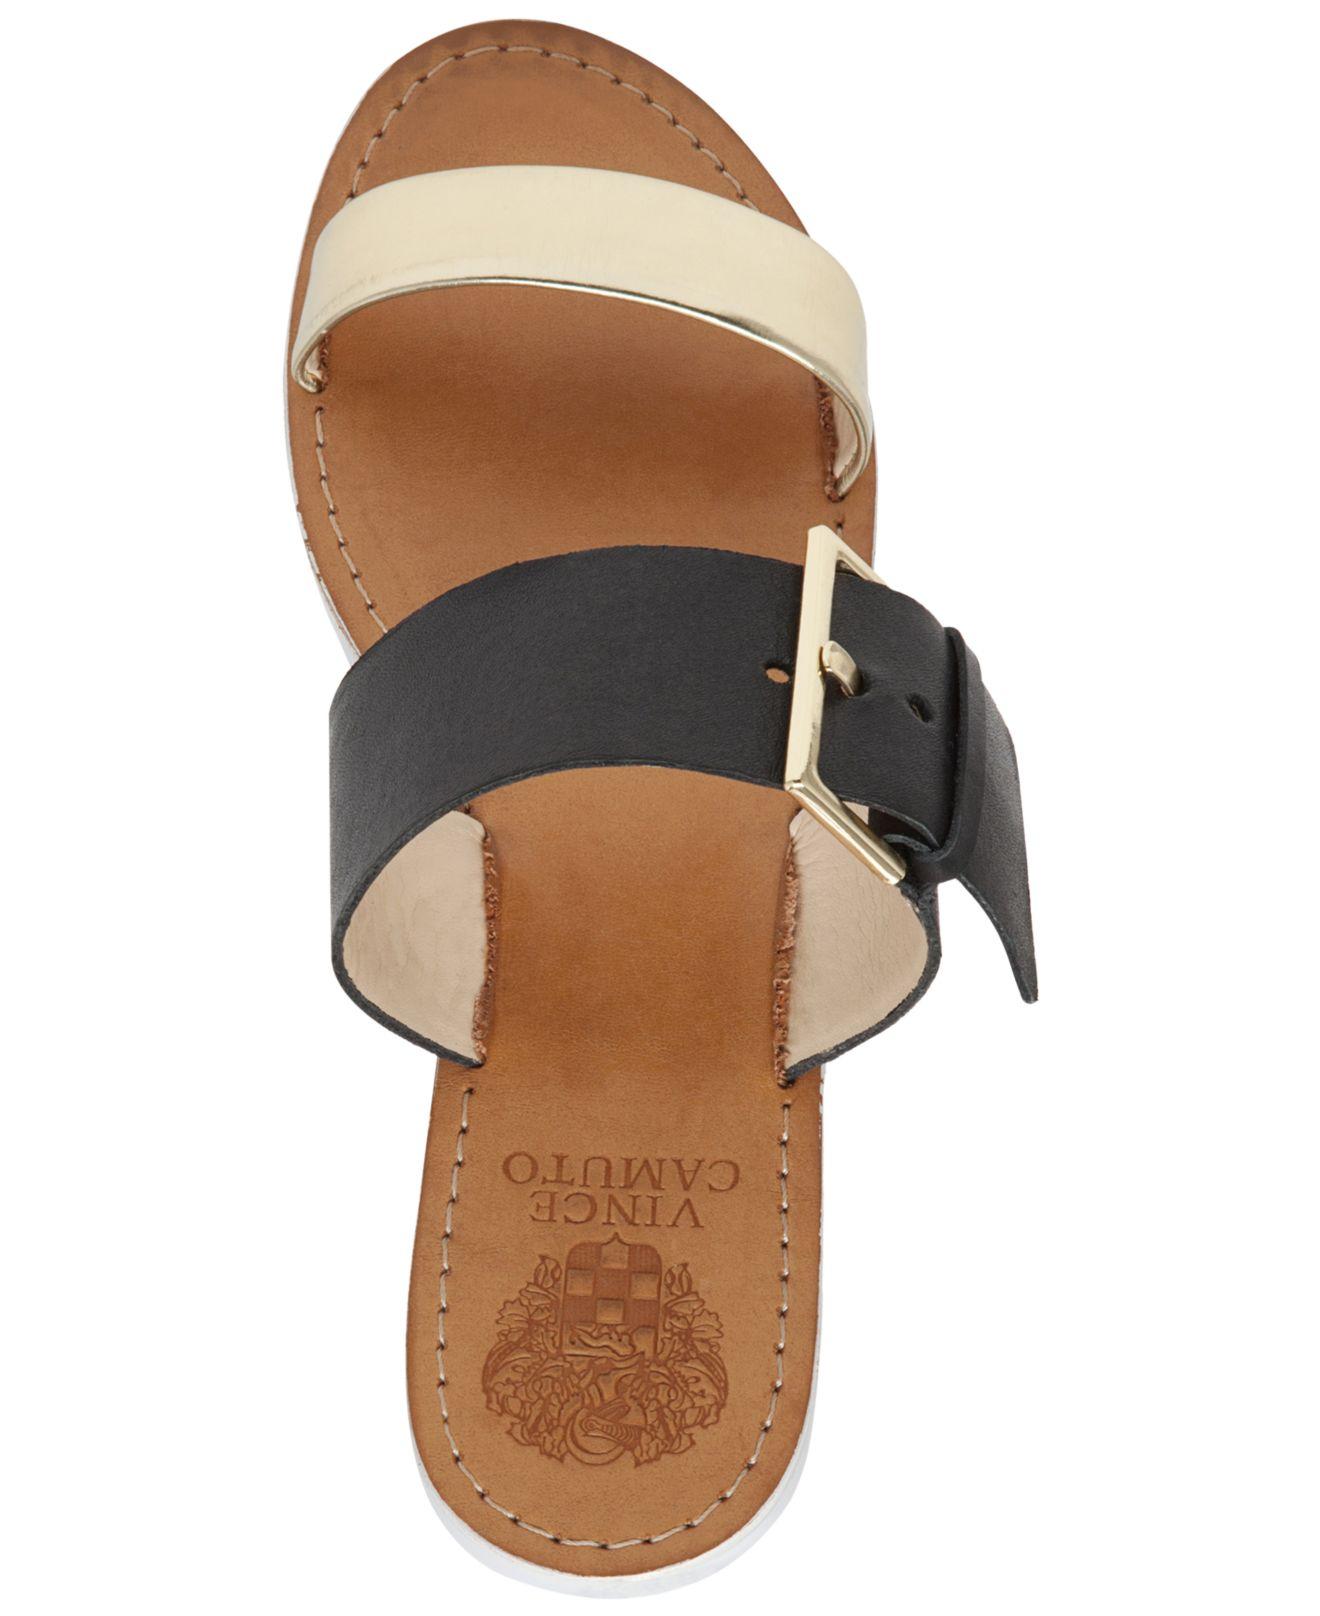 Vince Camuto Motter Flat Slide Sandals In Black Lyst